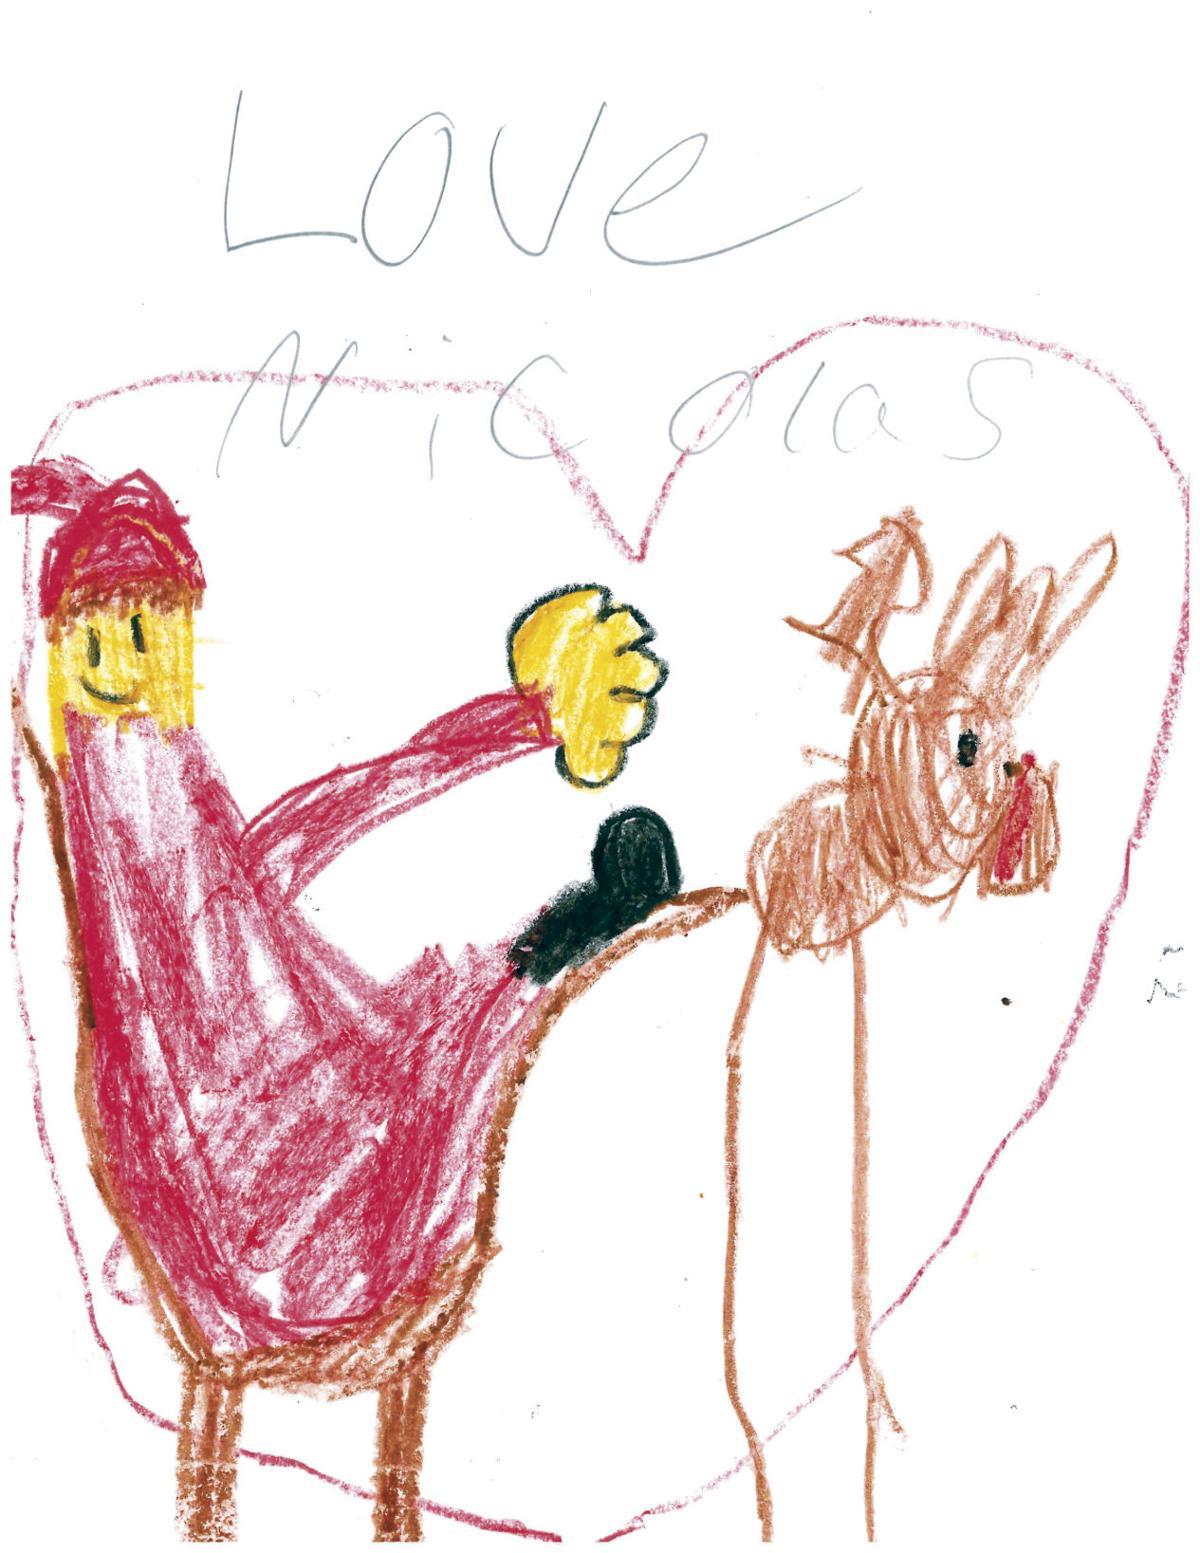 e32f9e15581 Dear Santa  Children share hopes